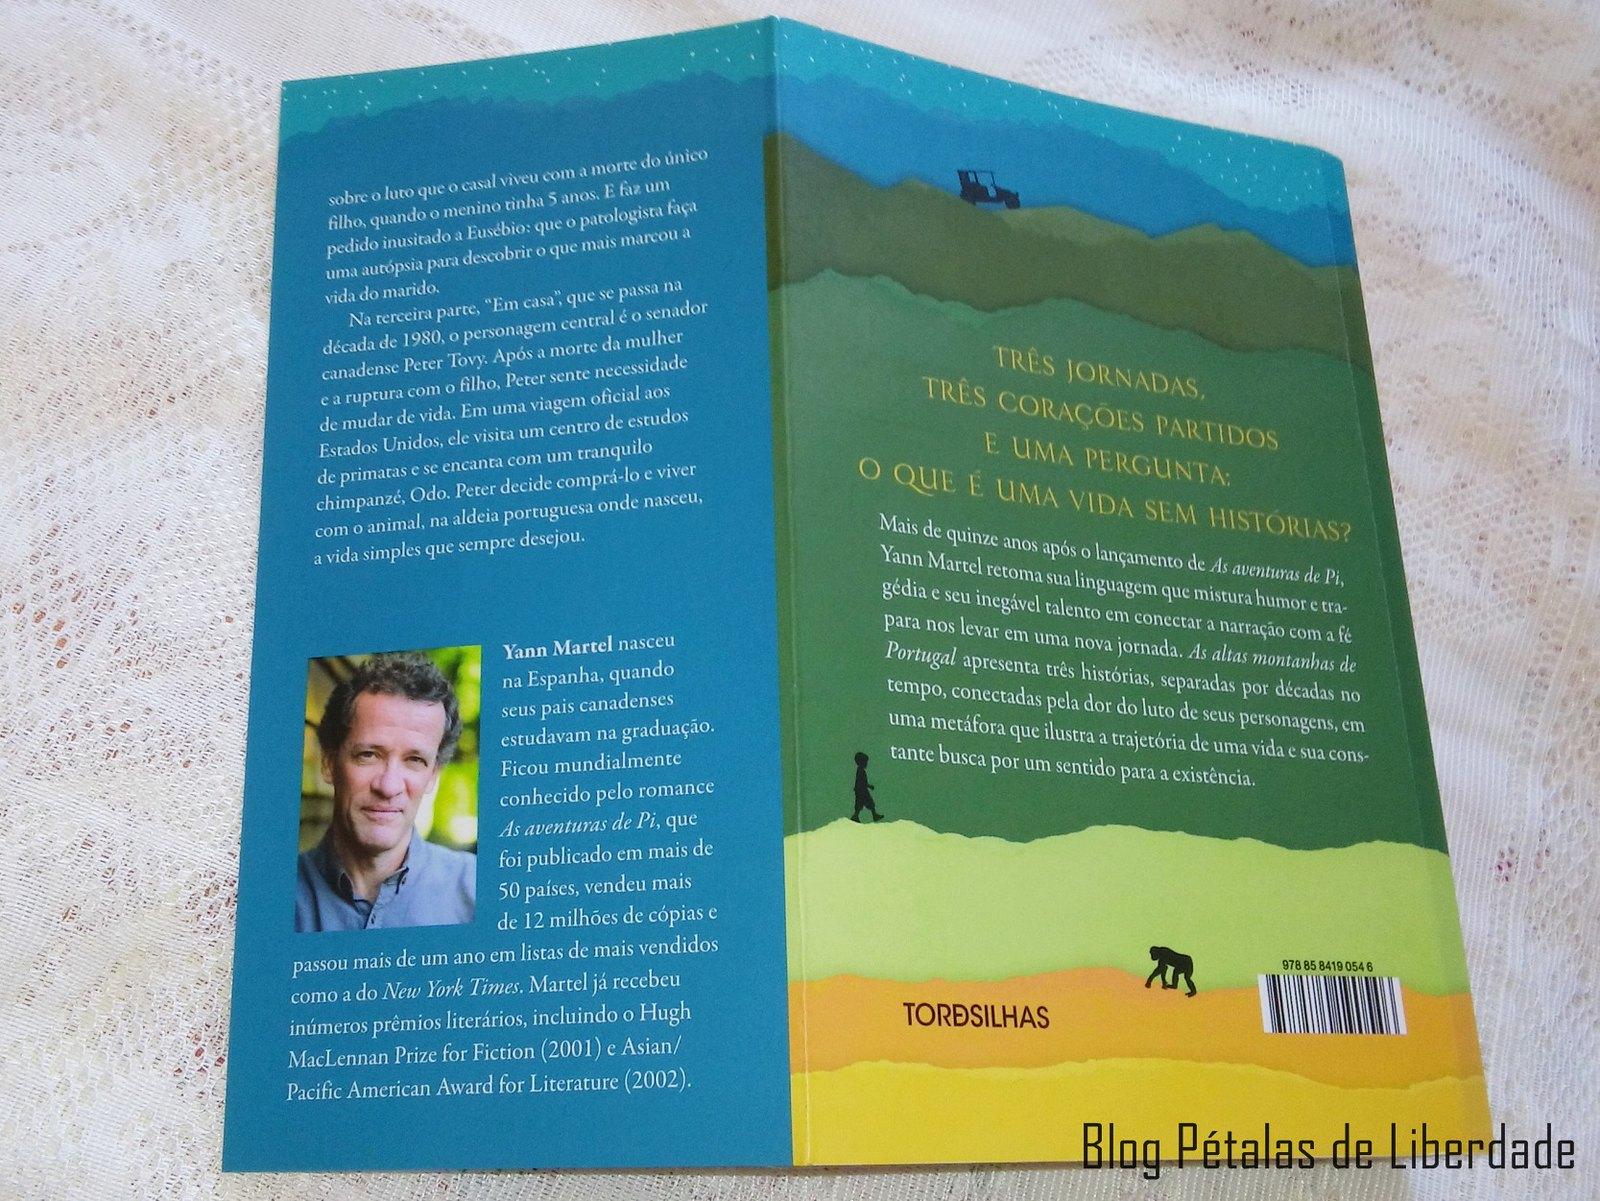 Resenha, livro, As-Altas-Montanhas-de-Portugal, Yann-Martel, editora-tordesilhas, opiniao, critica, comprar, sinopse, fotos, imagem, capa, diagramação, trecho,  yann-martel, portugal